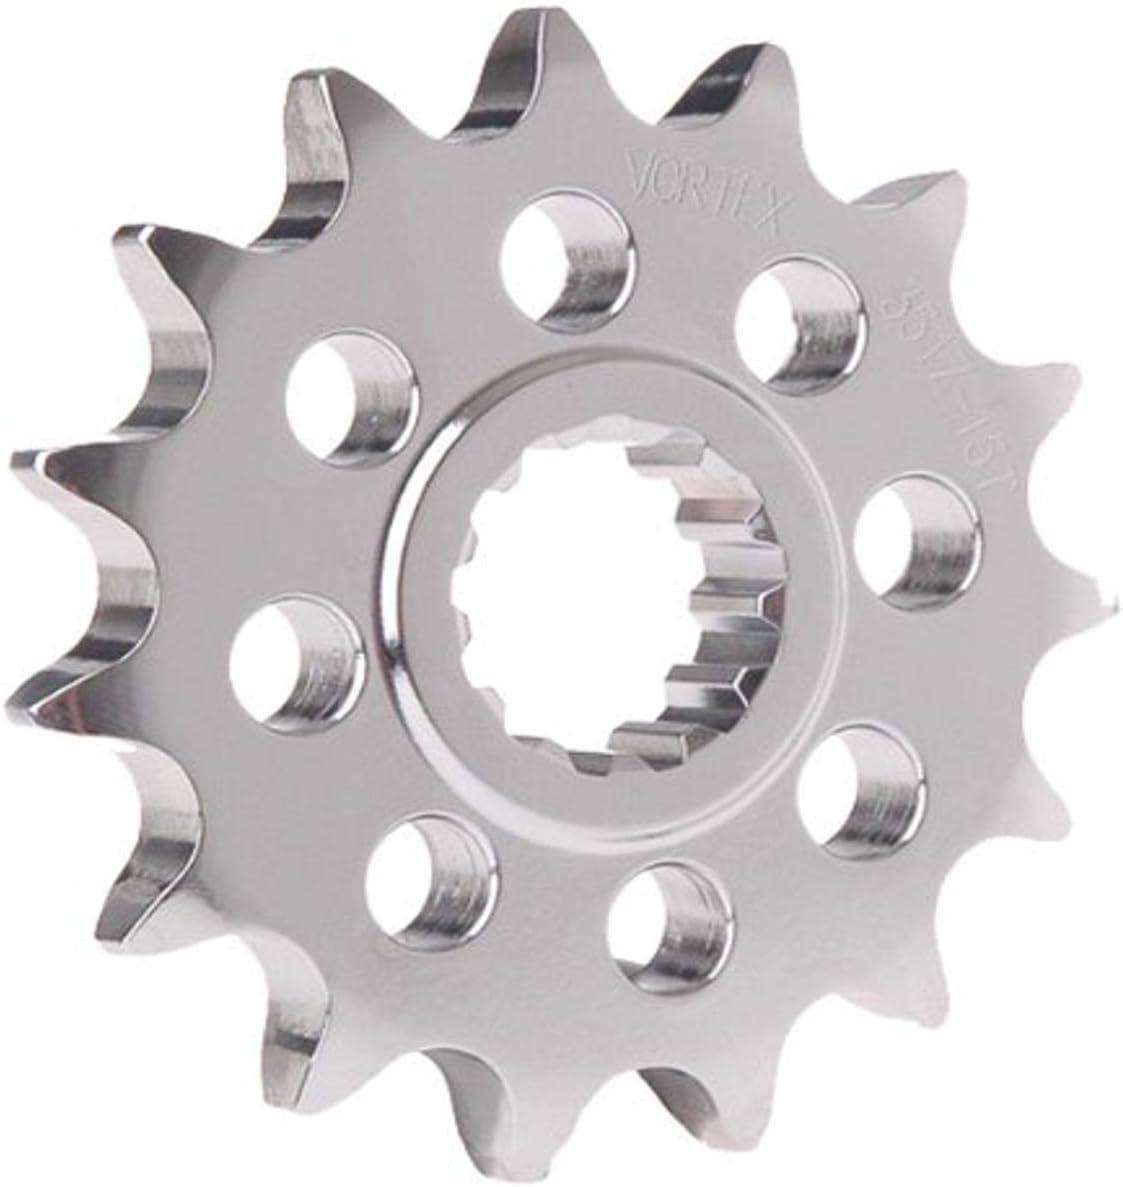 Vortex 611-56 Silver 56-Tooth Rear Sprocket